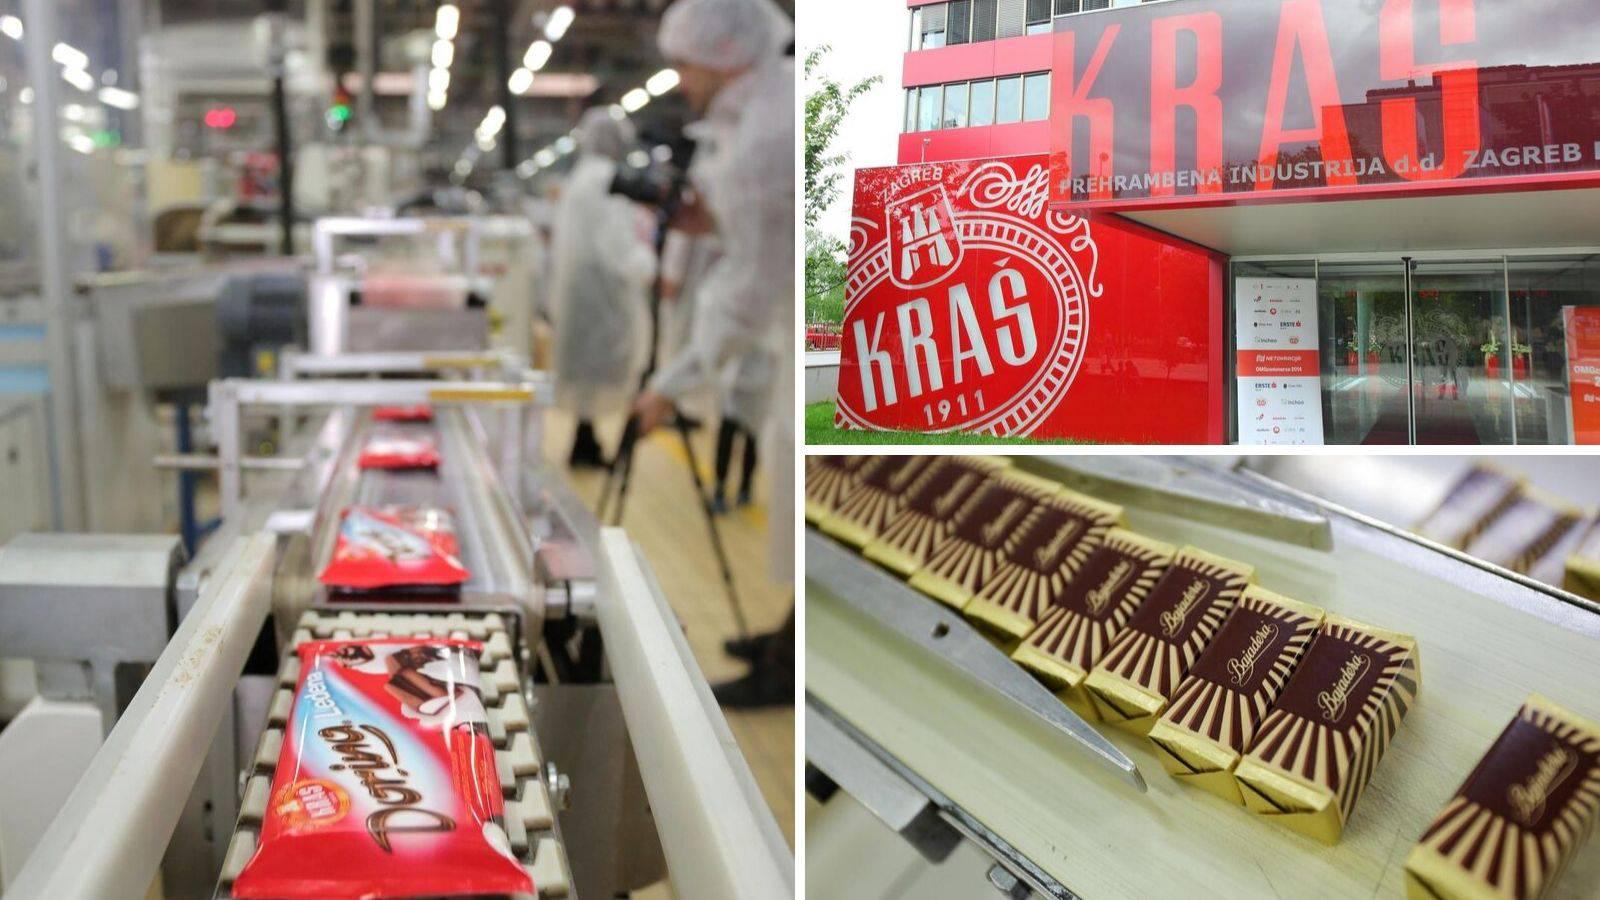 Tajni investitor kupuje dionice Kraša: Uložio 60 milijuna kuna!